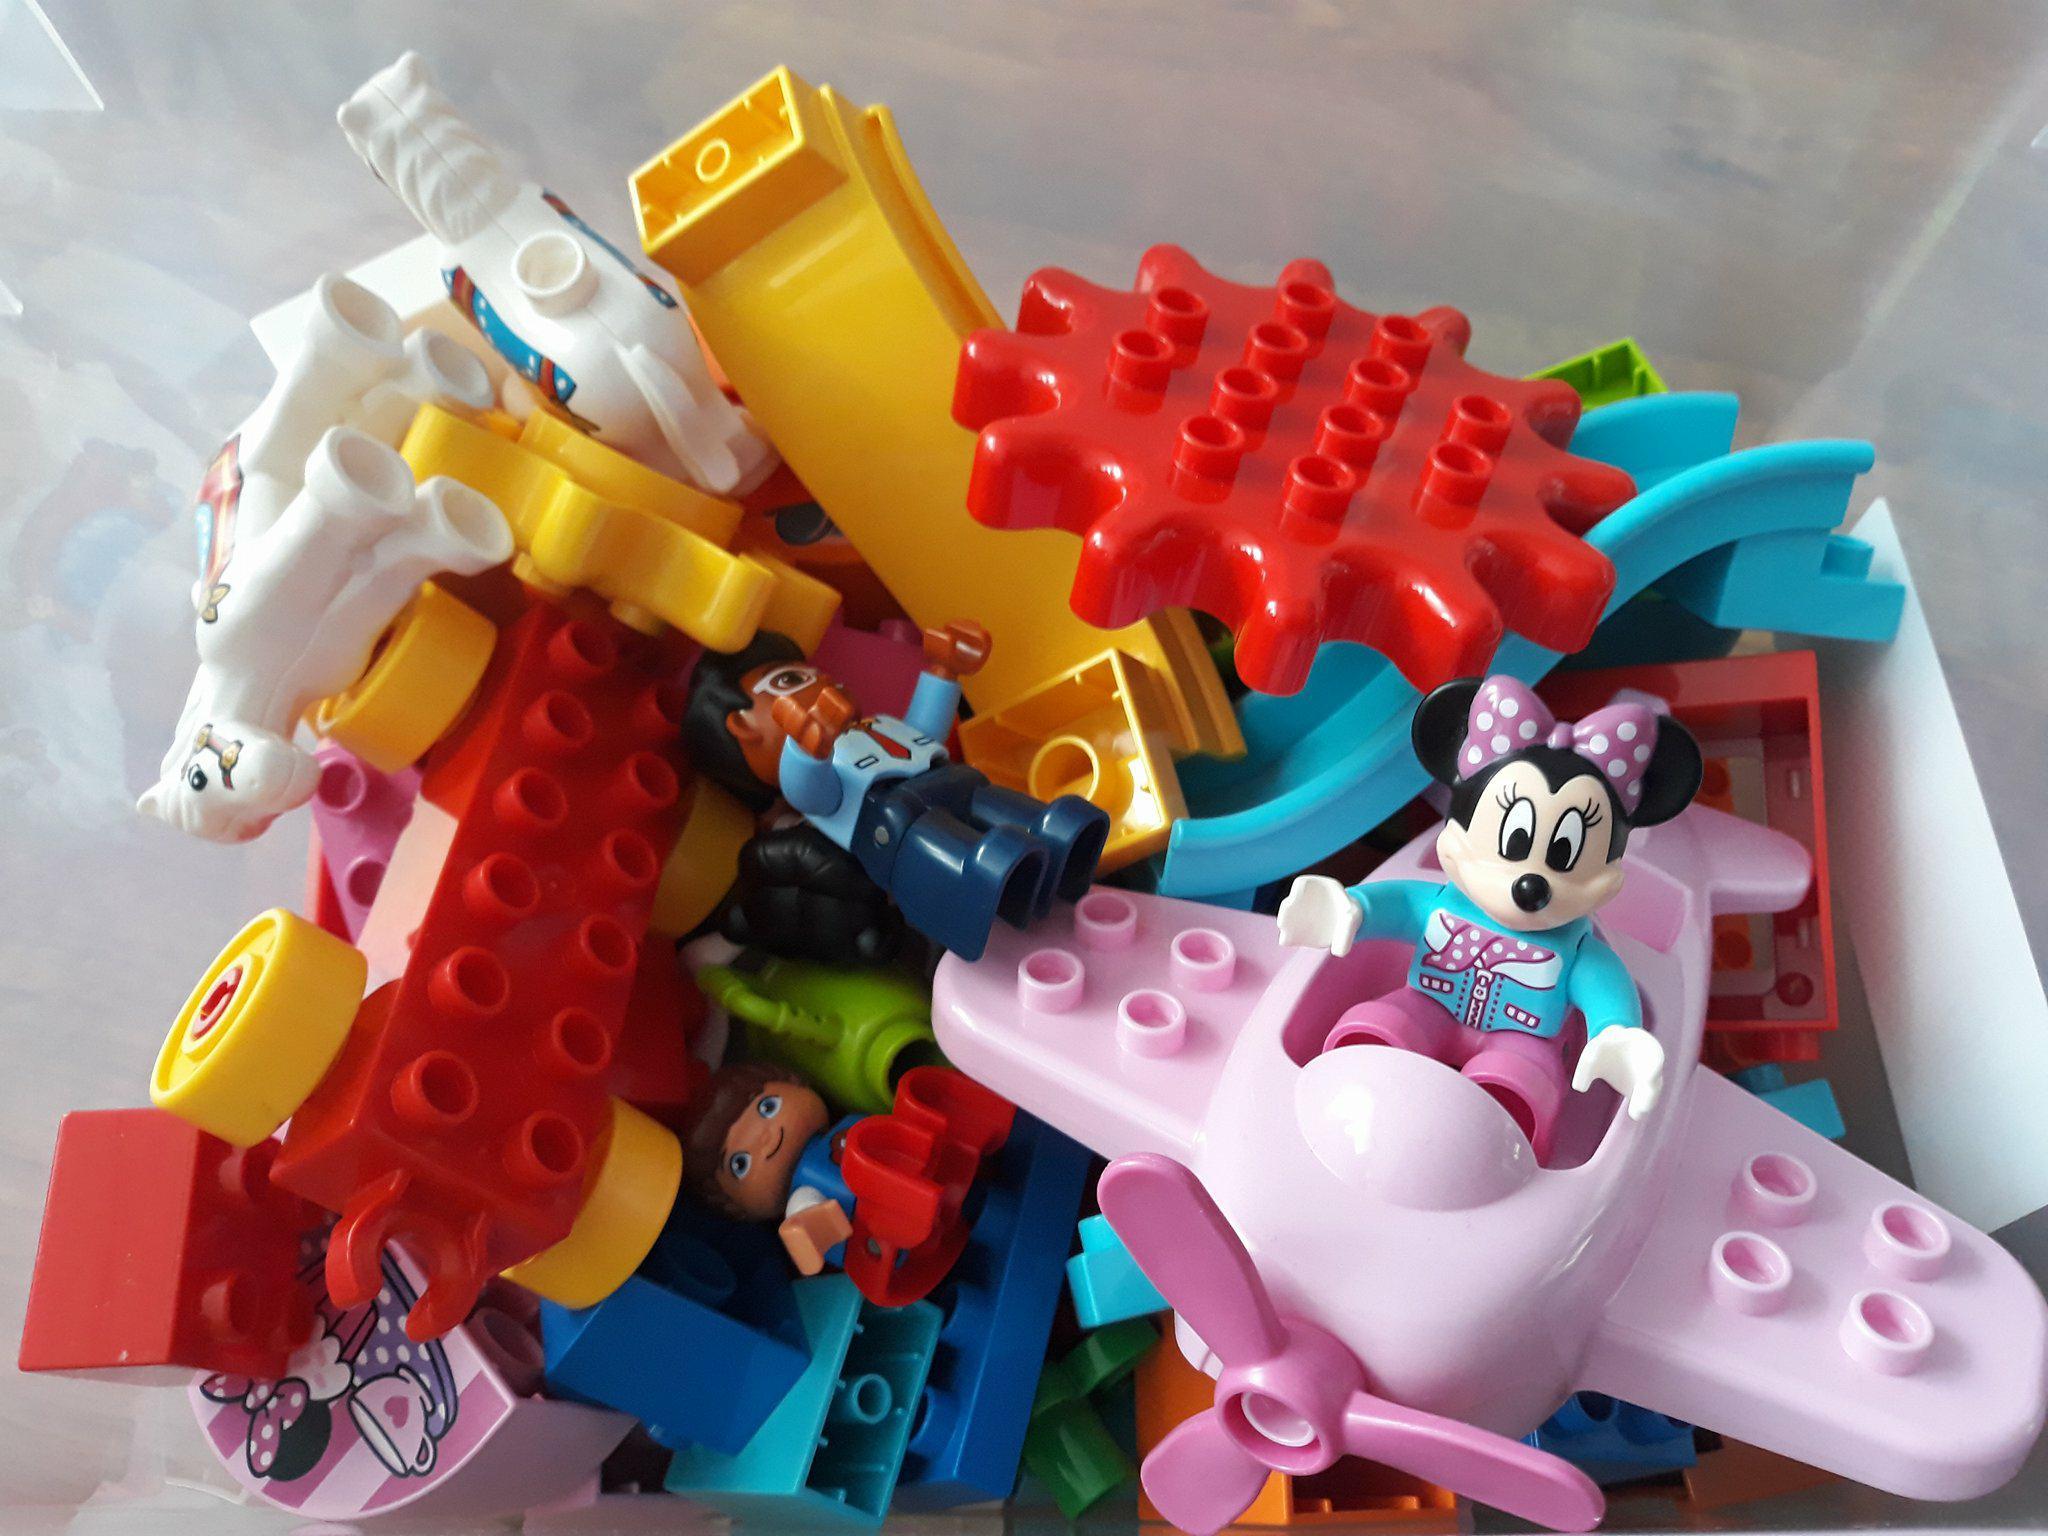 Klocki Lego Duplo. Prezent naroczek.